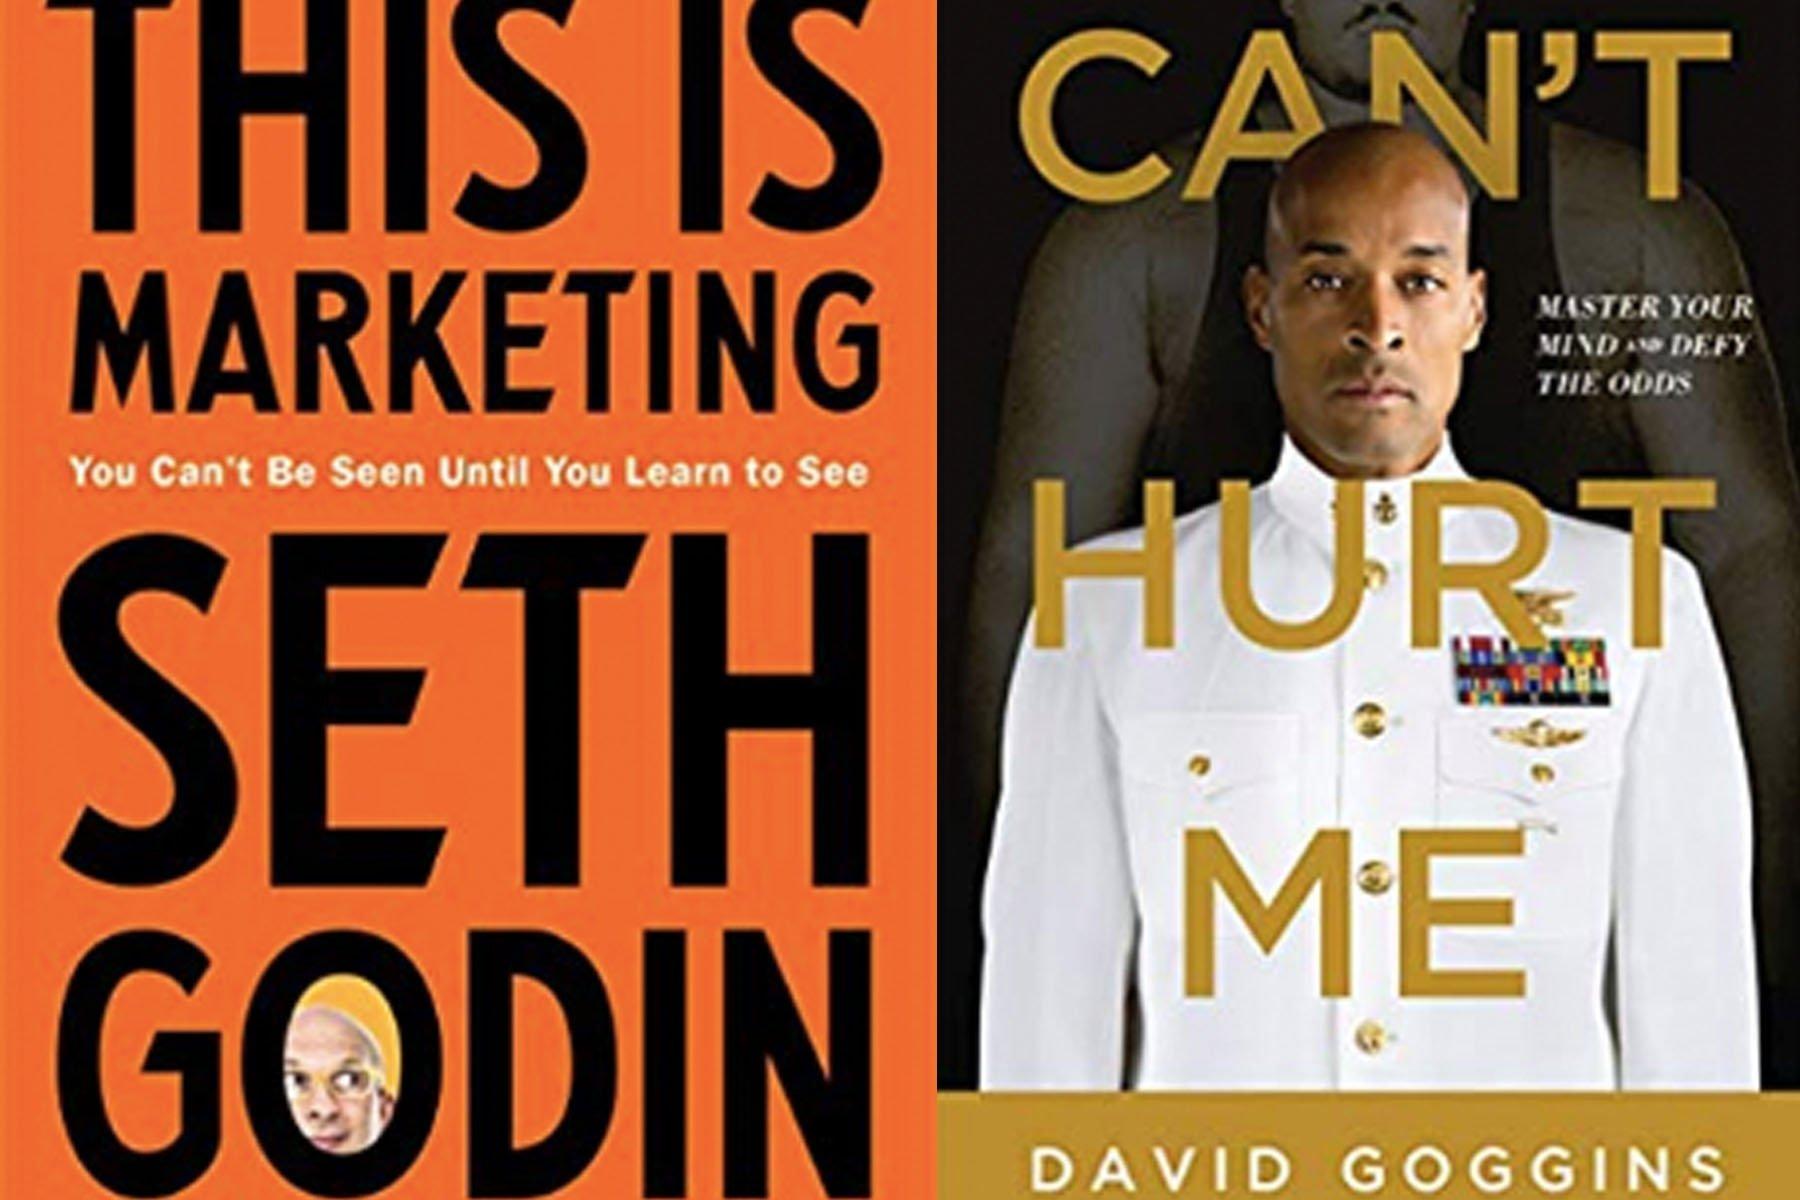 hasseman marketing books